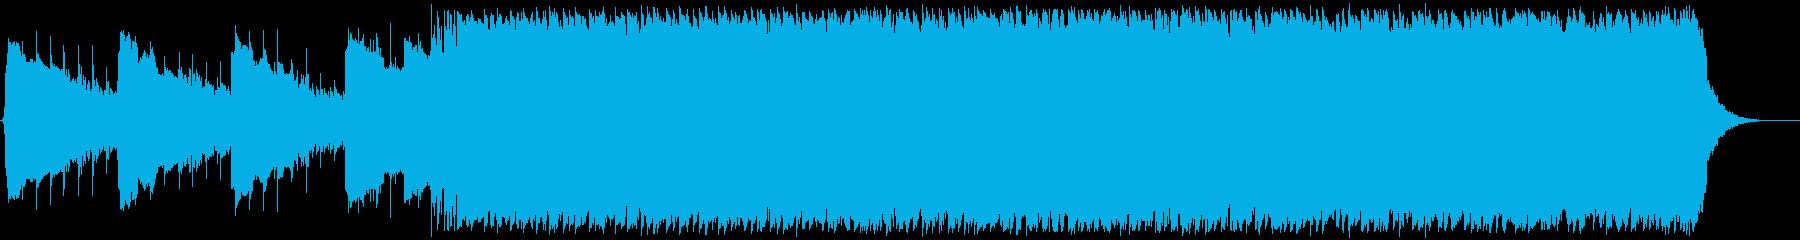 恐ろしい、ハードロックのインストゥ...の再生済みの波形